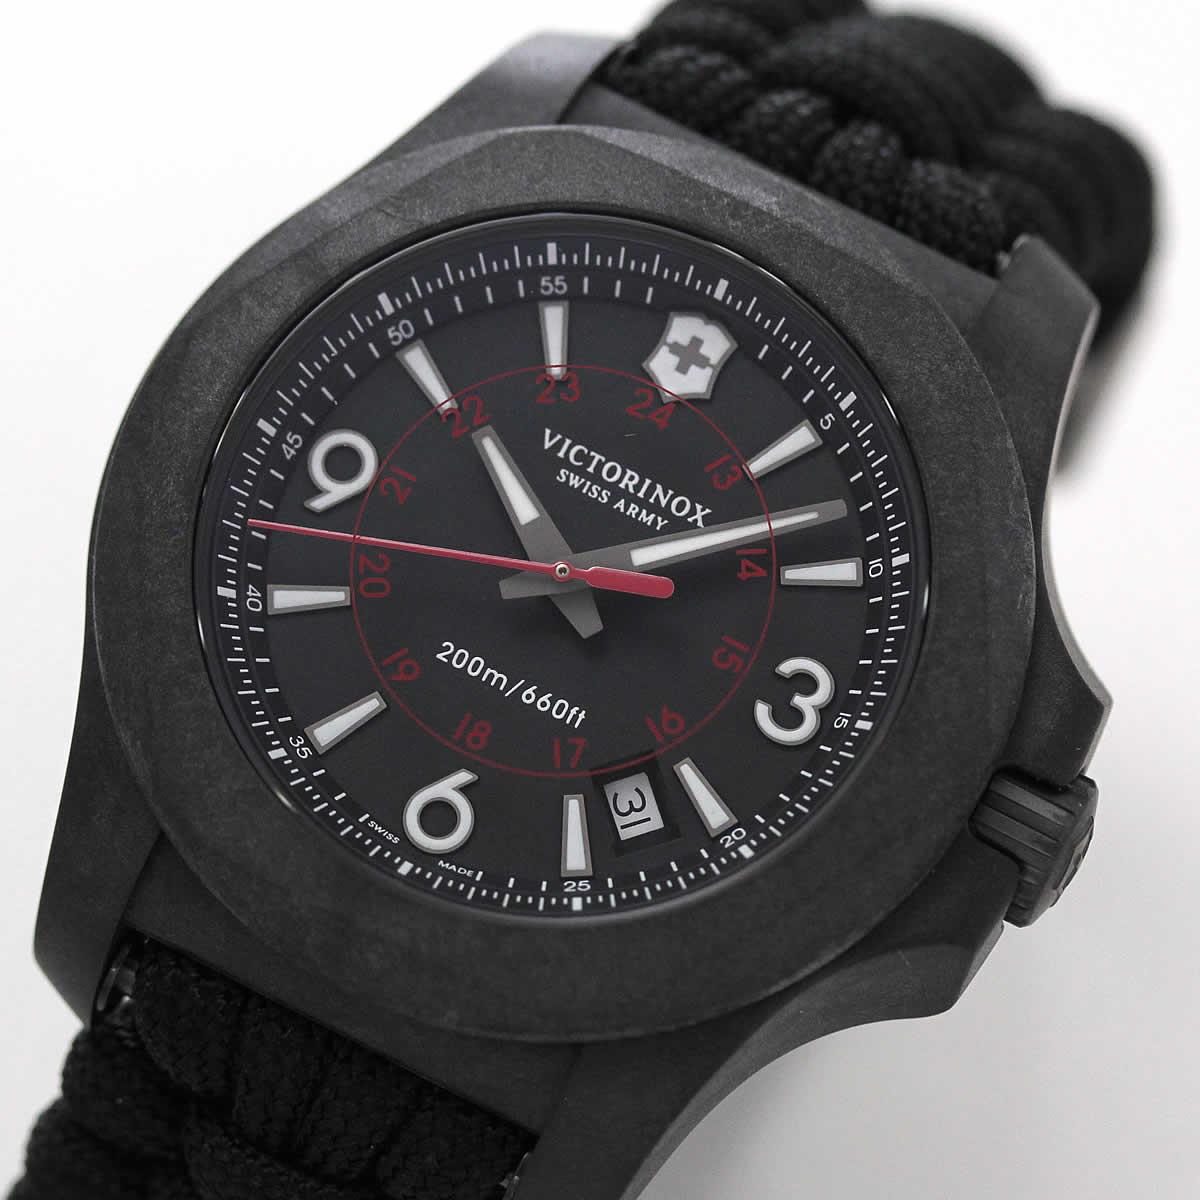 ビクトリノックス スイスアーミー 時計 イノックス ブラック